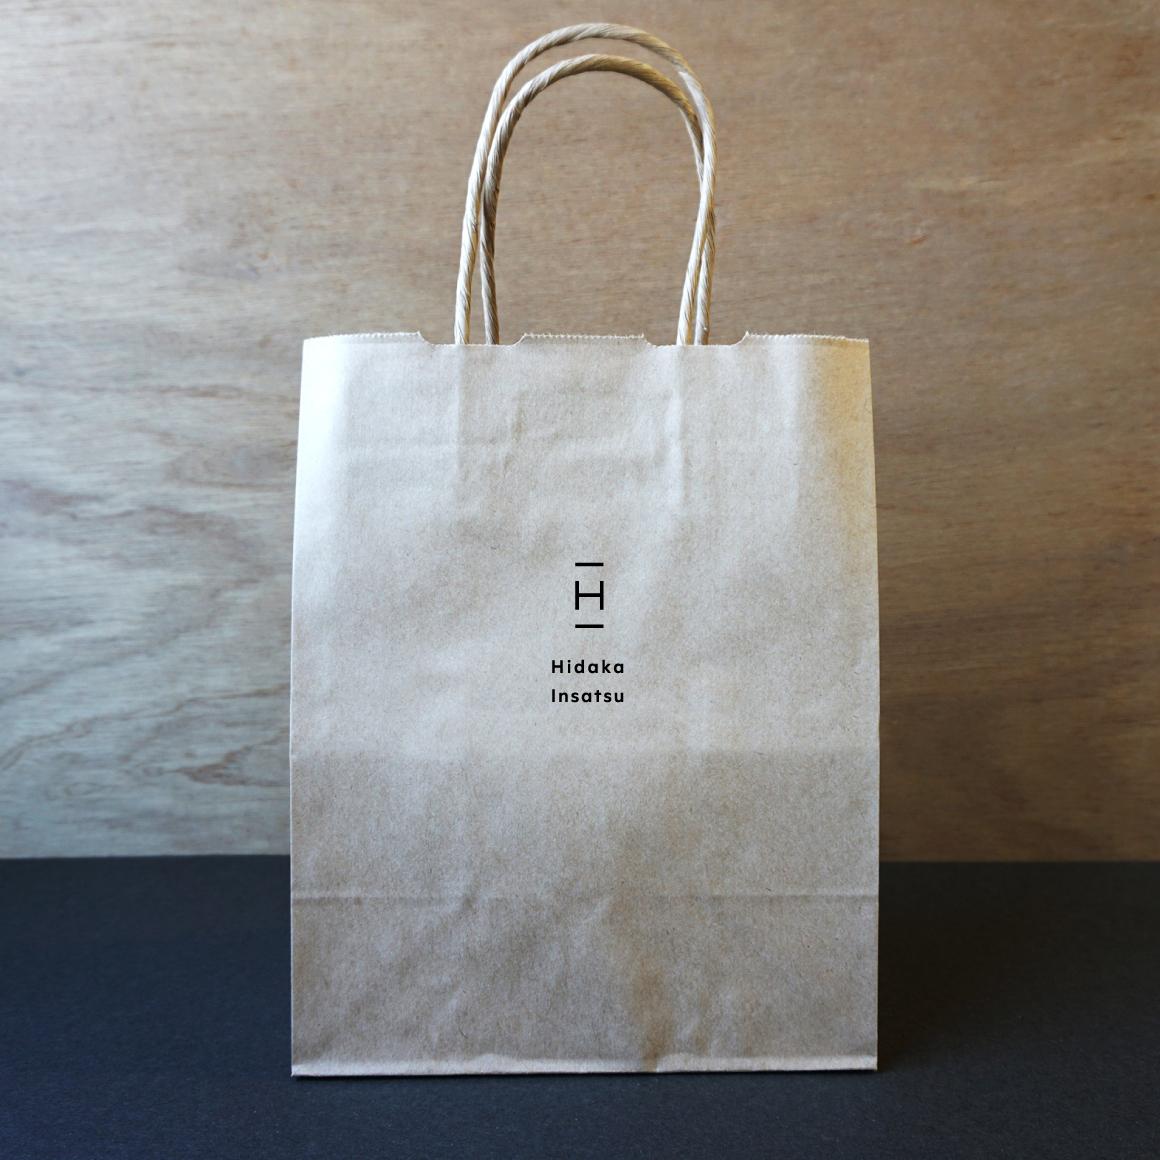 オリジナルデザイン箔押し紙袋